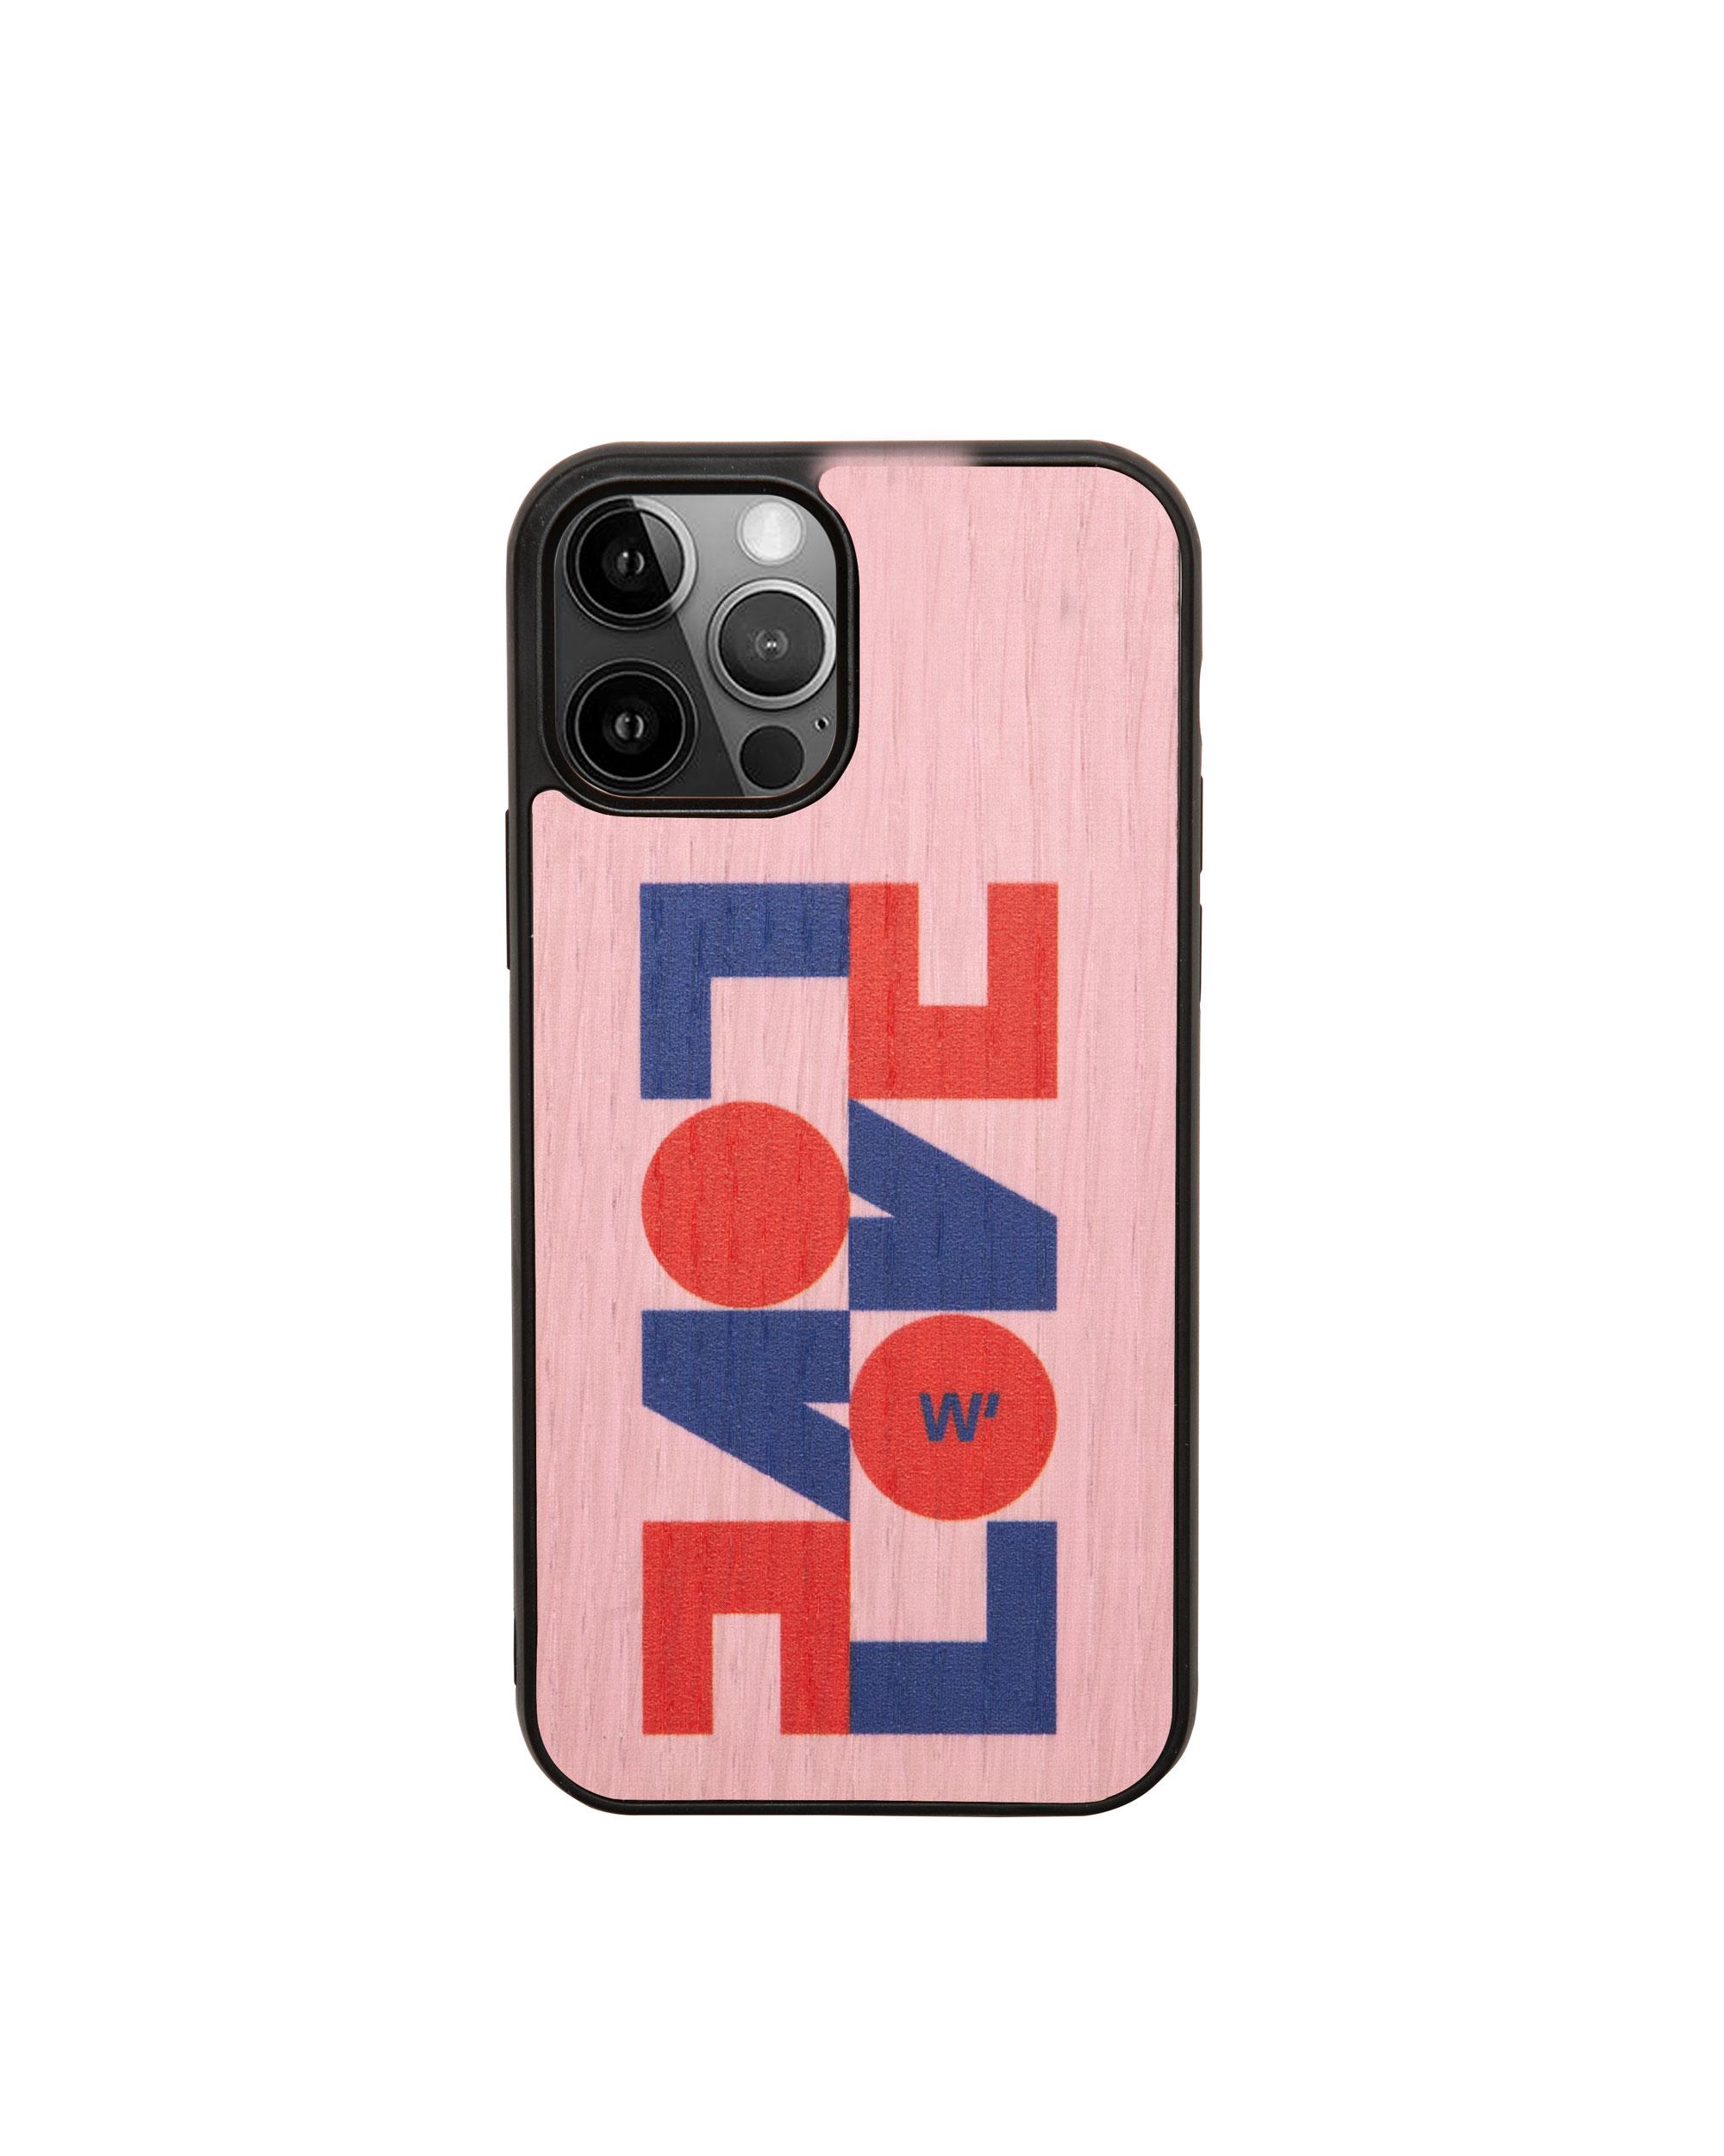 LOVE - Coque en bois pour iPhone 11